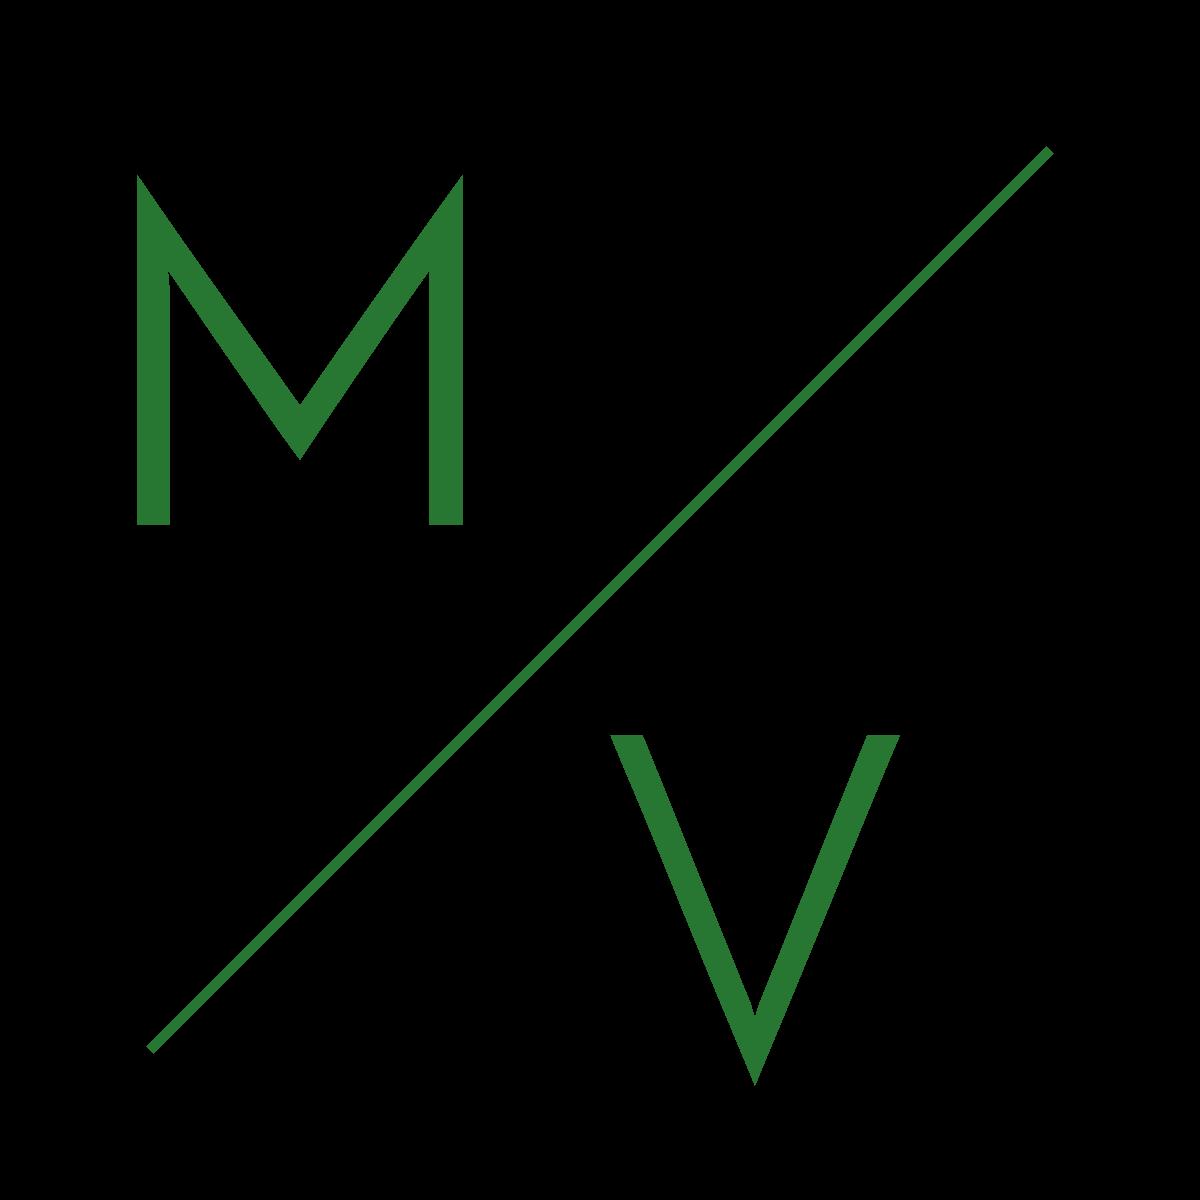 m and v monogram 5